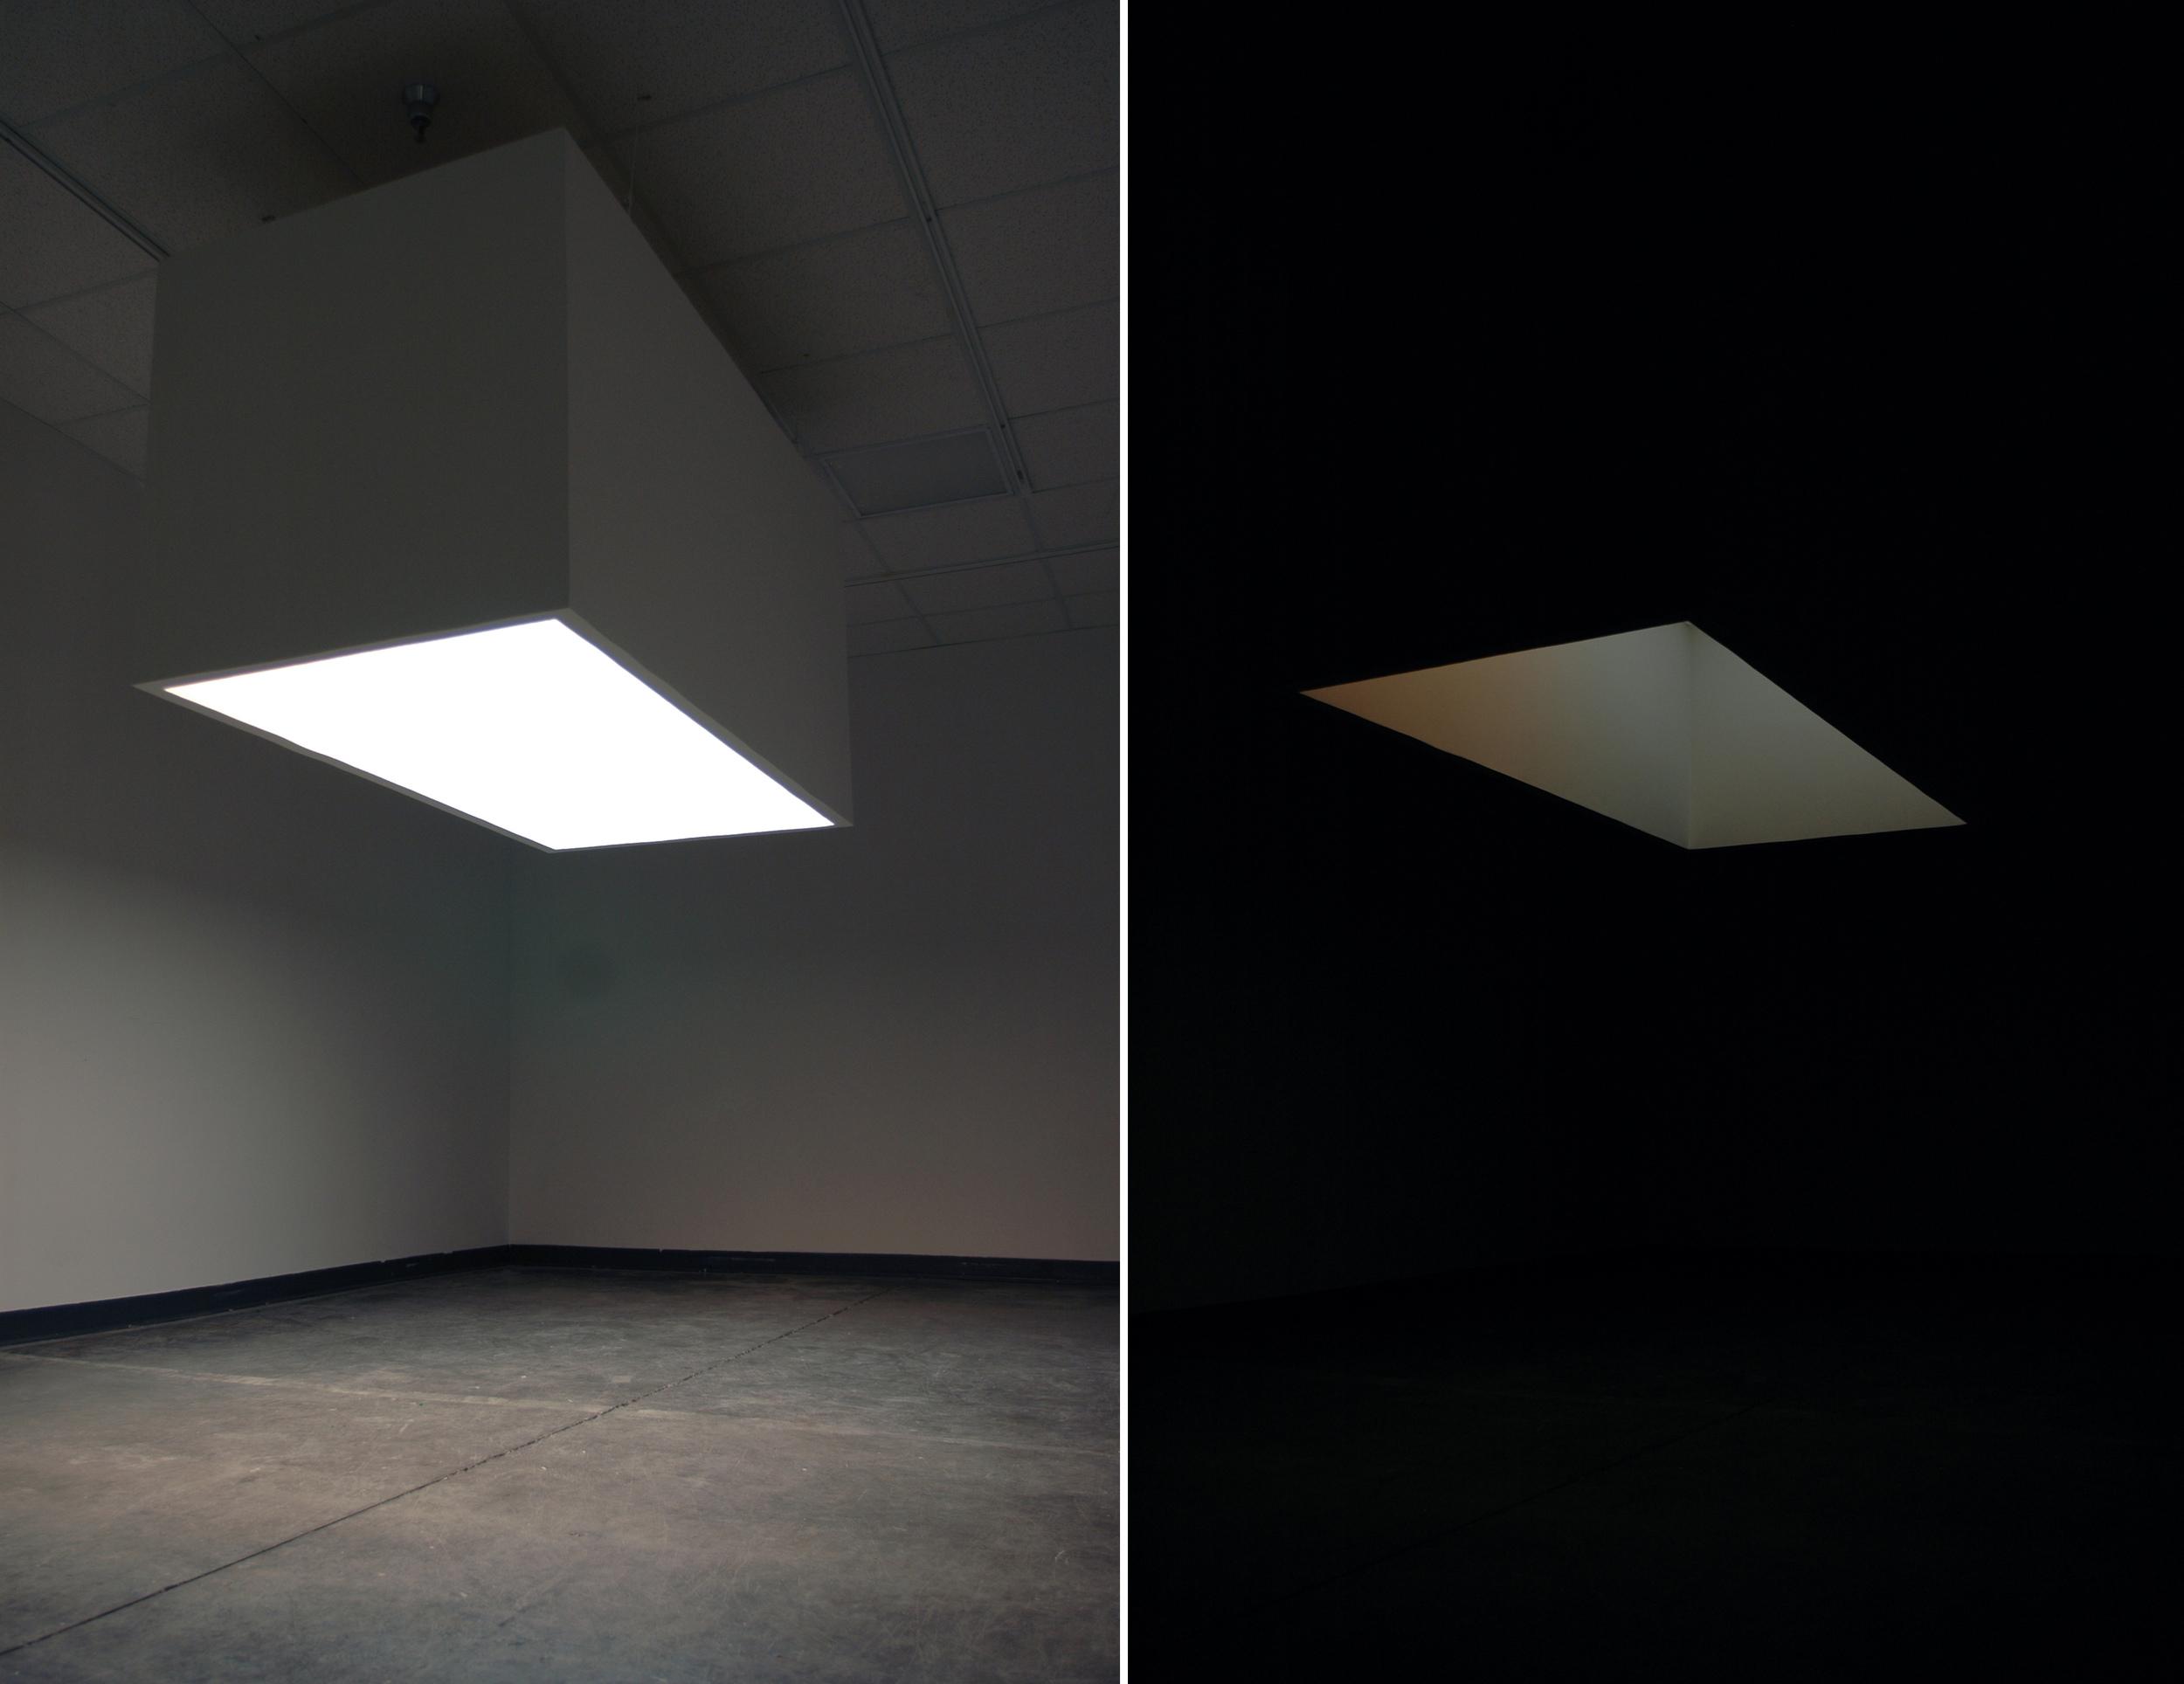 White Box With Light Dana Haugaard